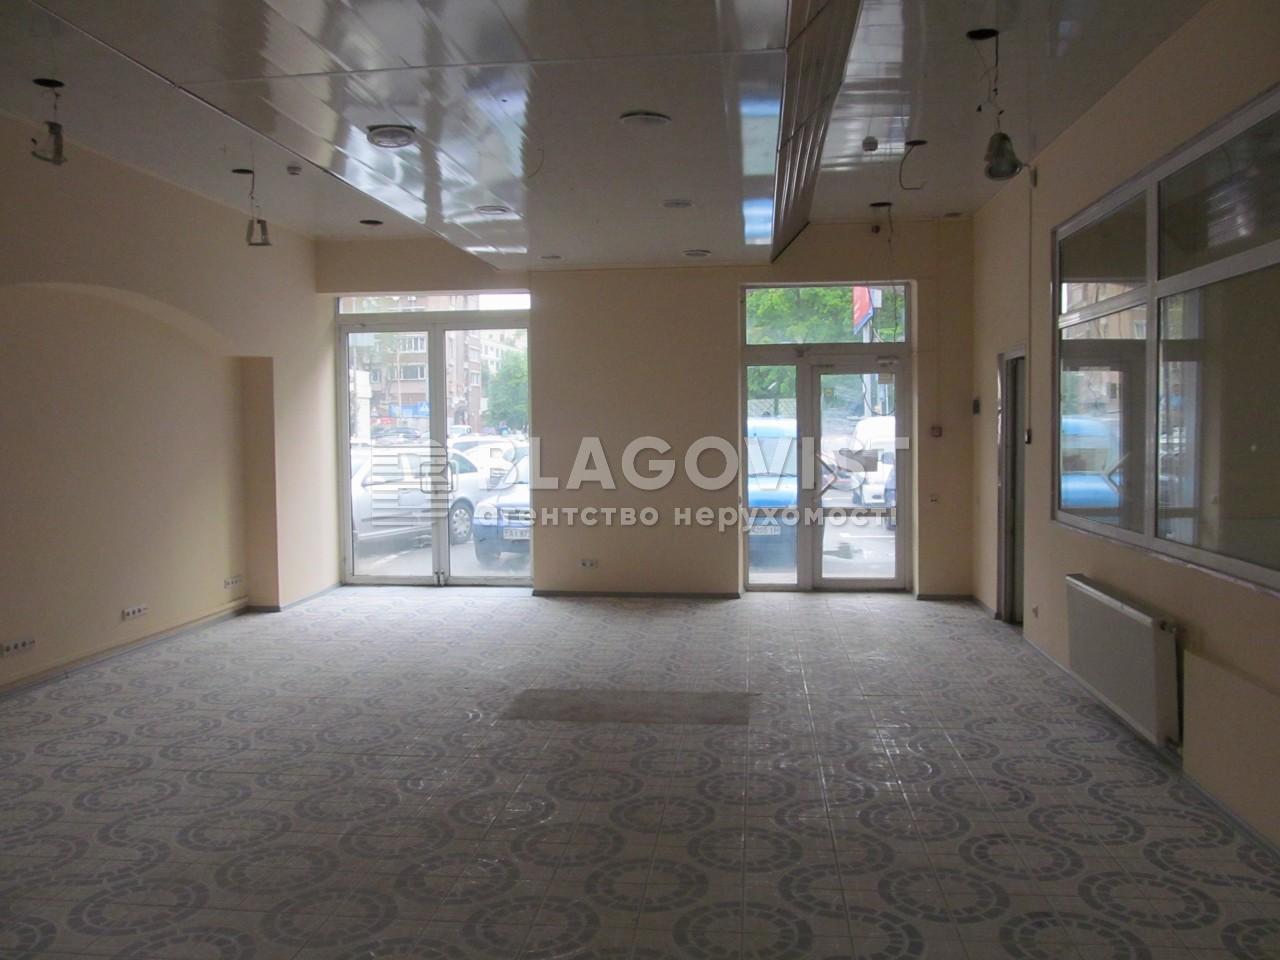 Нежилое помещение, F-41597, Малевича Казимира (Боженко), Киев - Фото 3